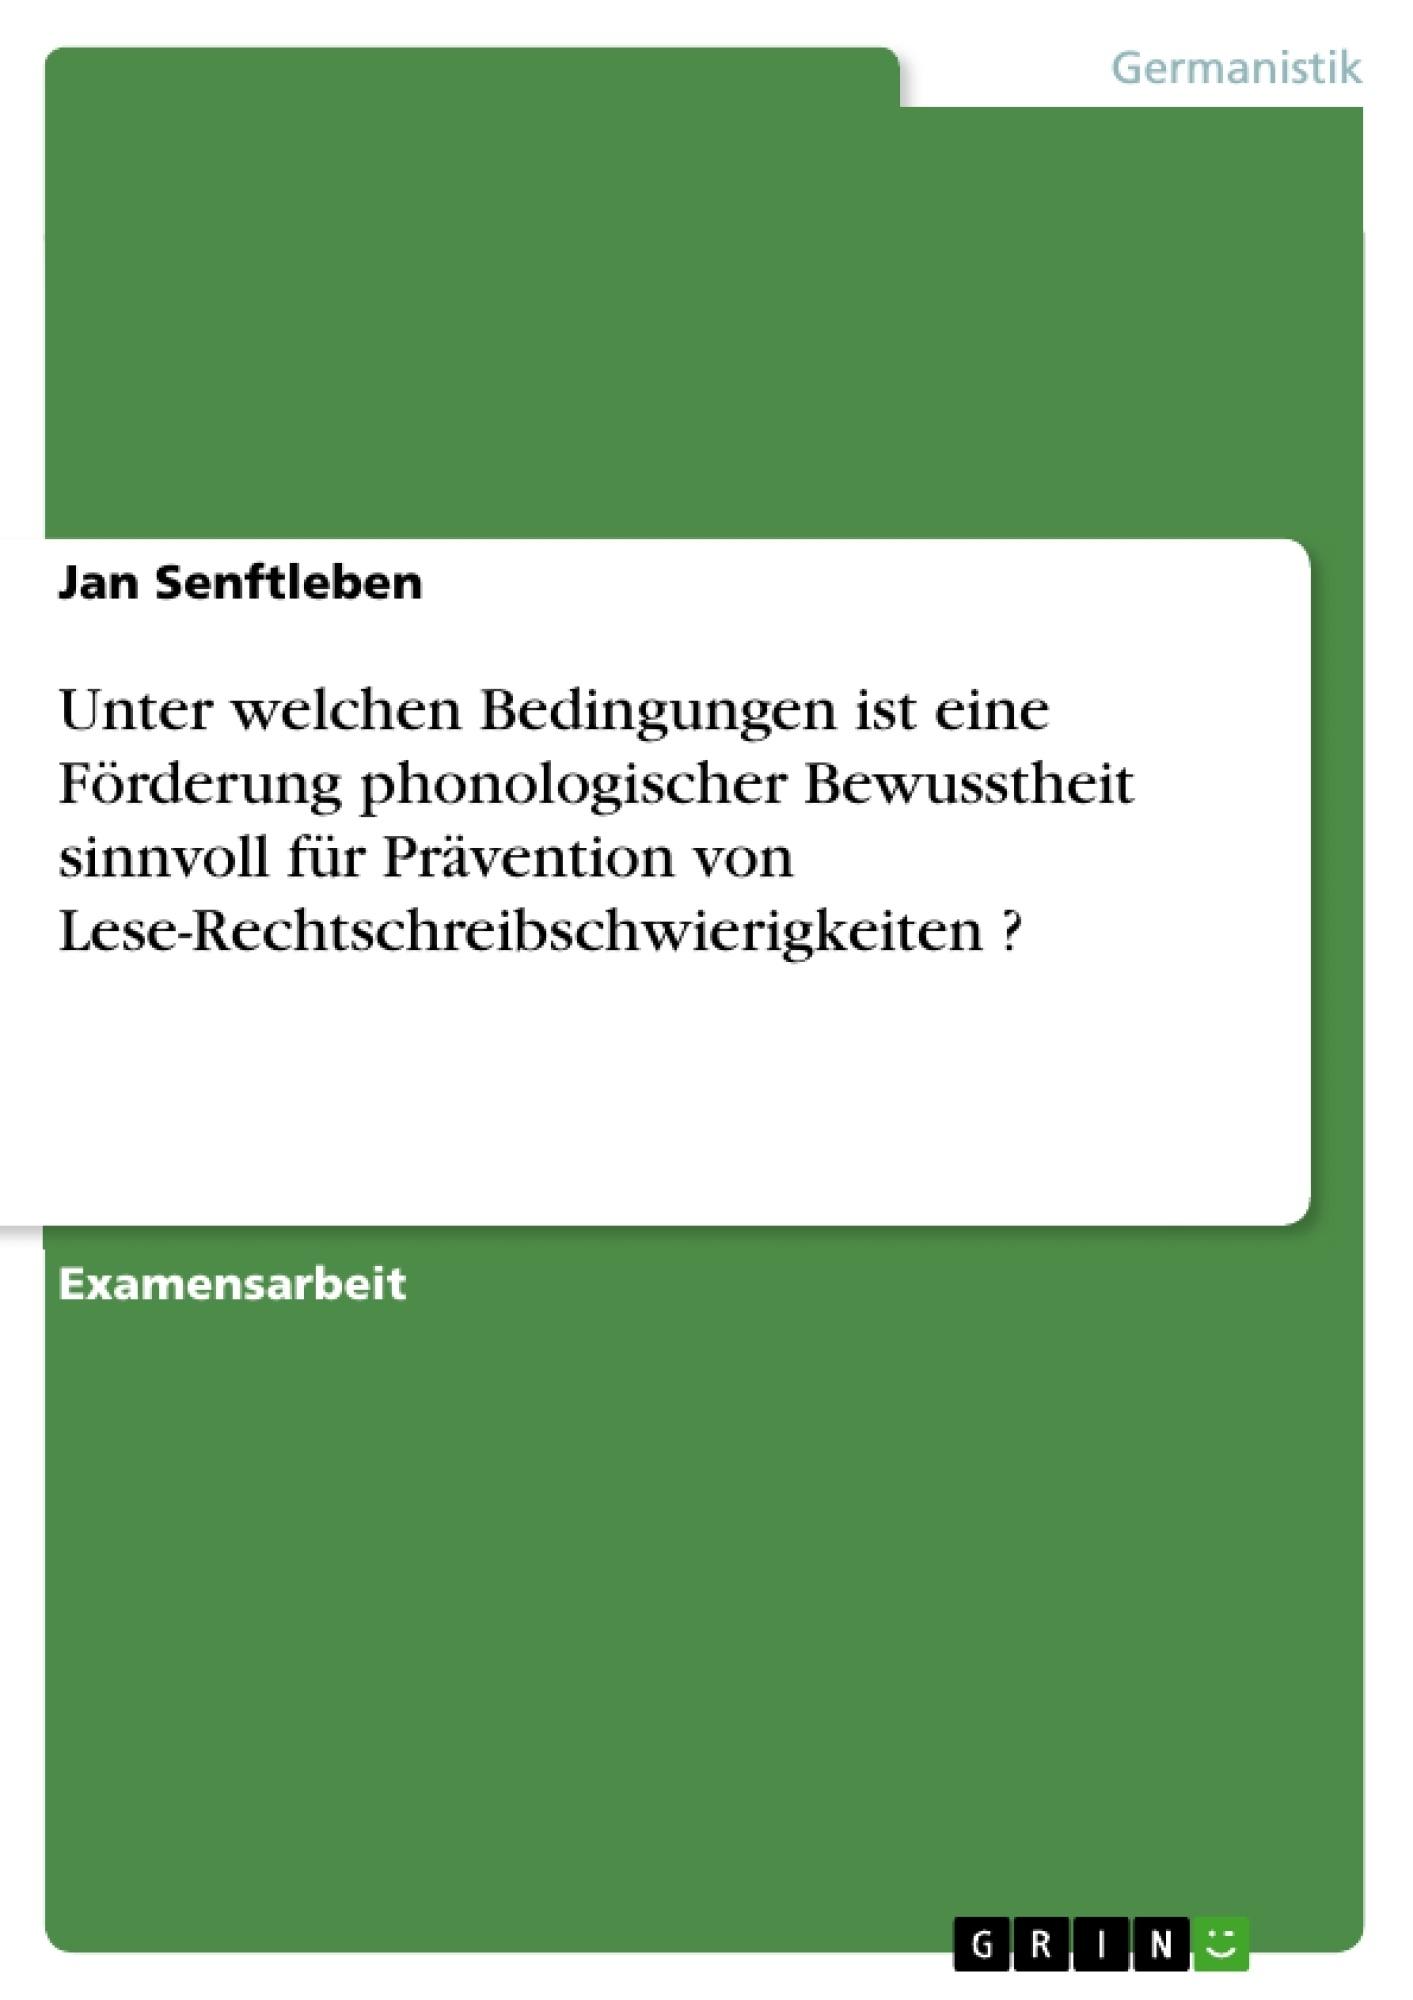 Titel: Unter welchen Bedingungen ist eine Förderung phonologischer Bewusstheit sinnvoll für Prävention von Lese-Rechtschreibschwierigkeiten ?